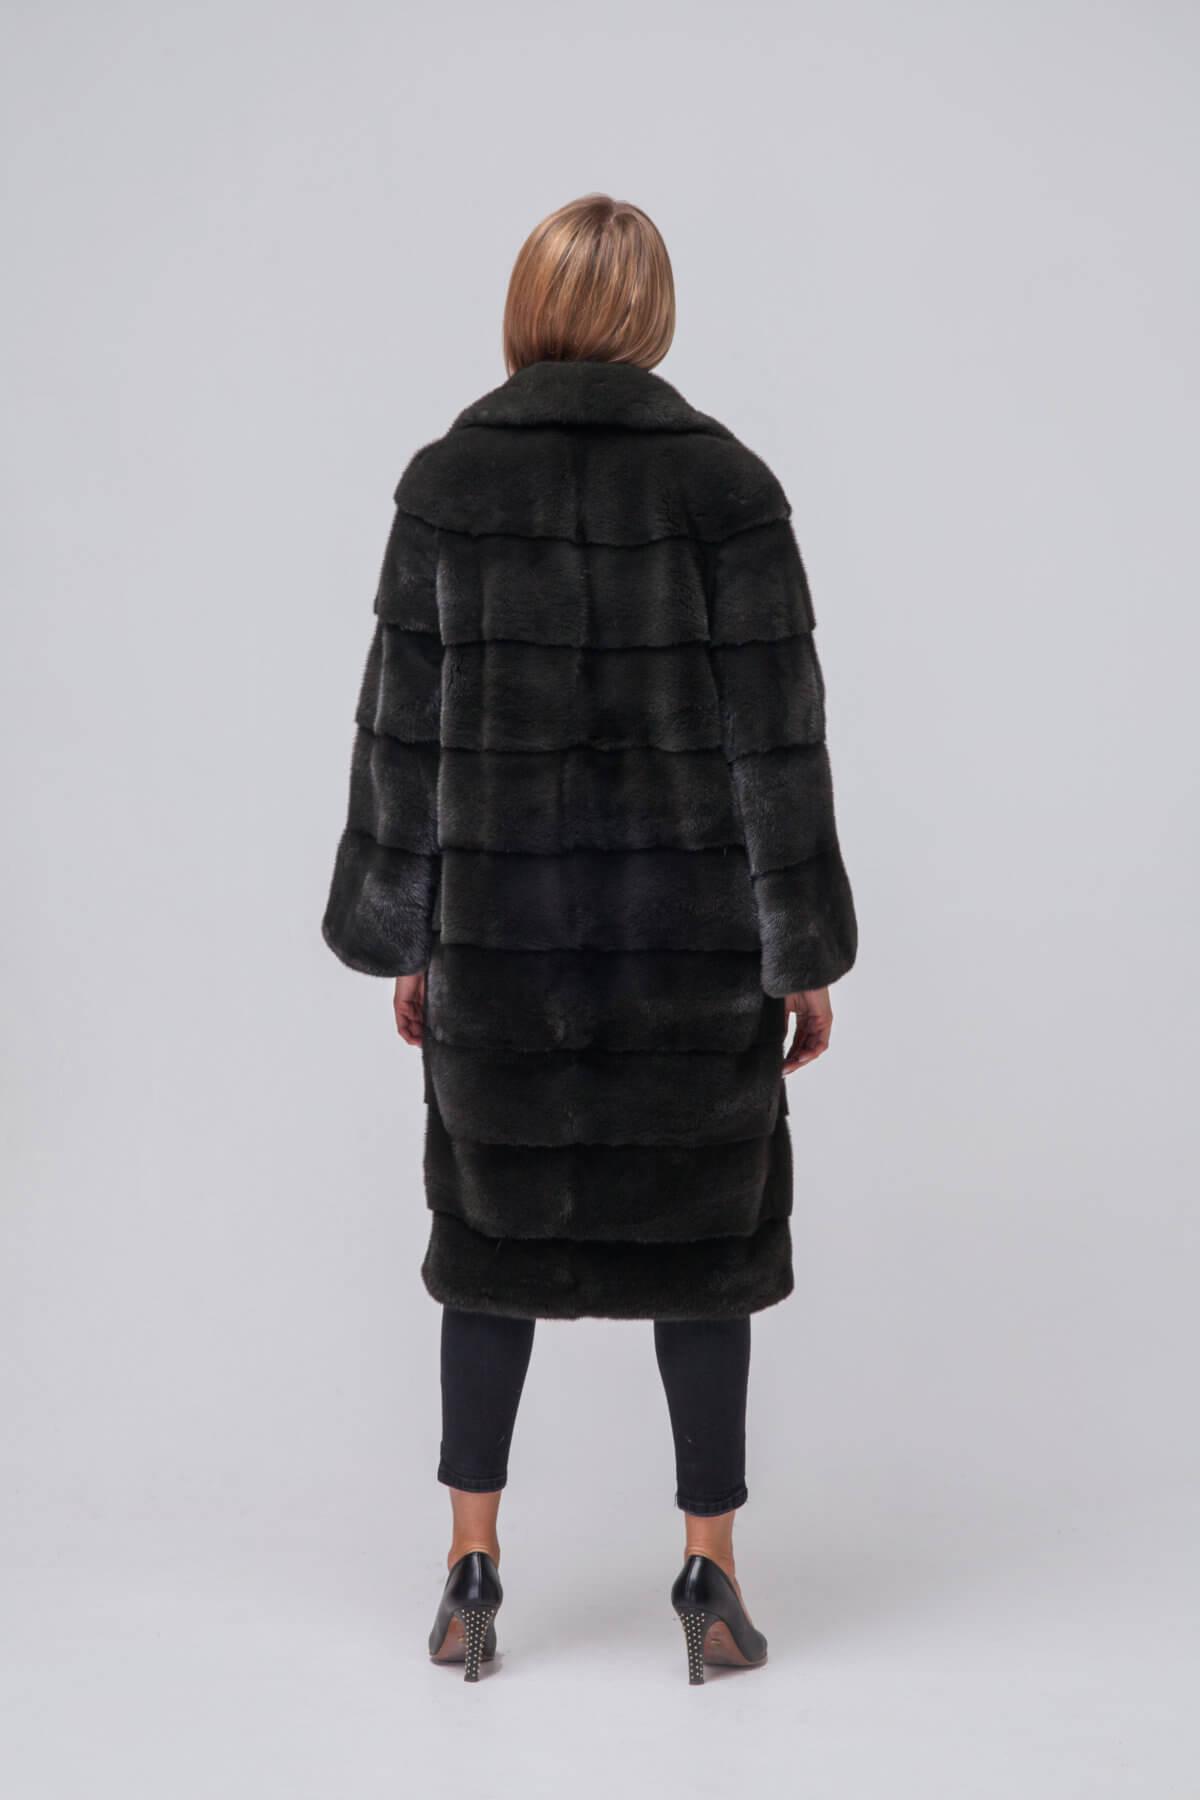 Пальто из европейской норки KOPENHAGEN FUR. Фото 6